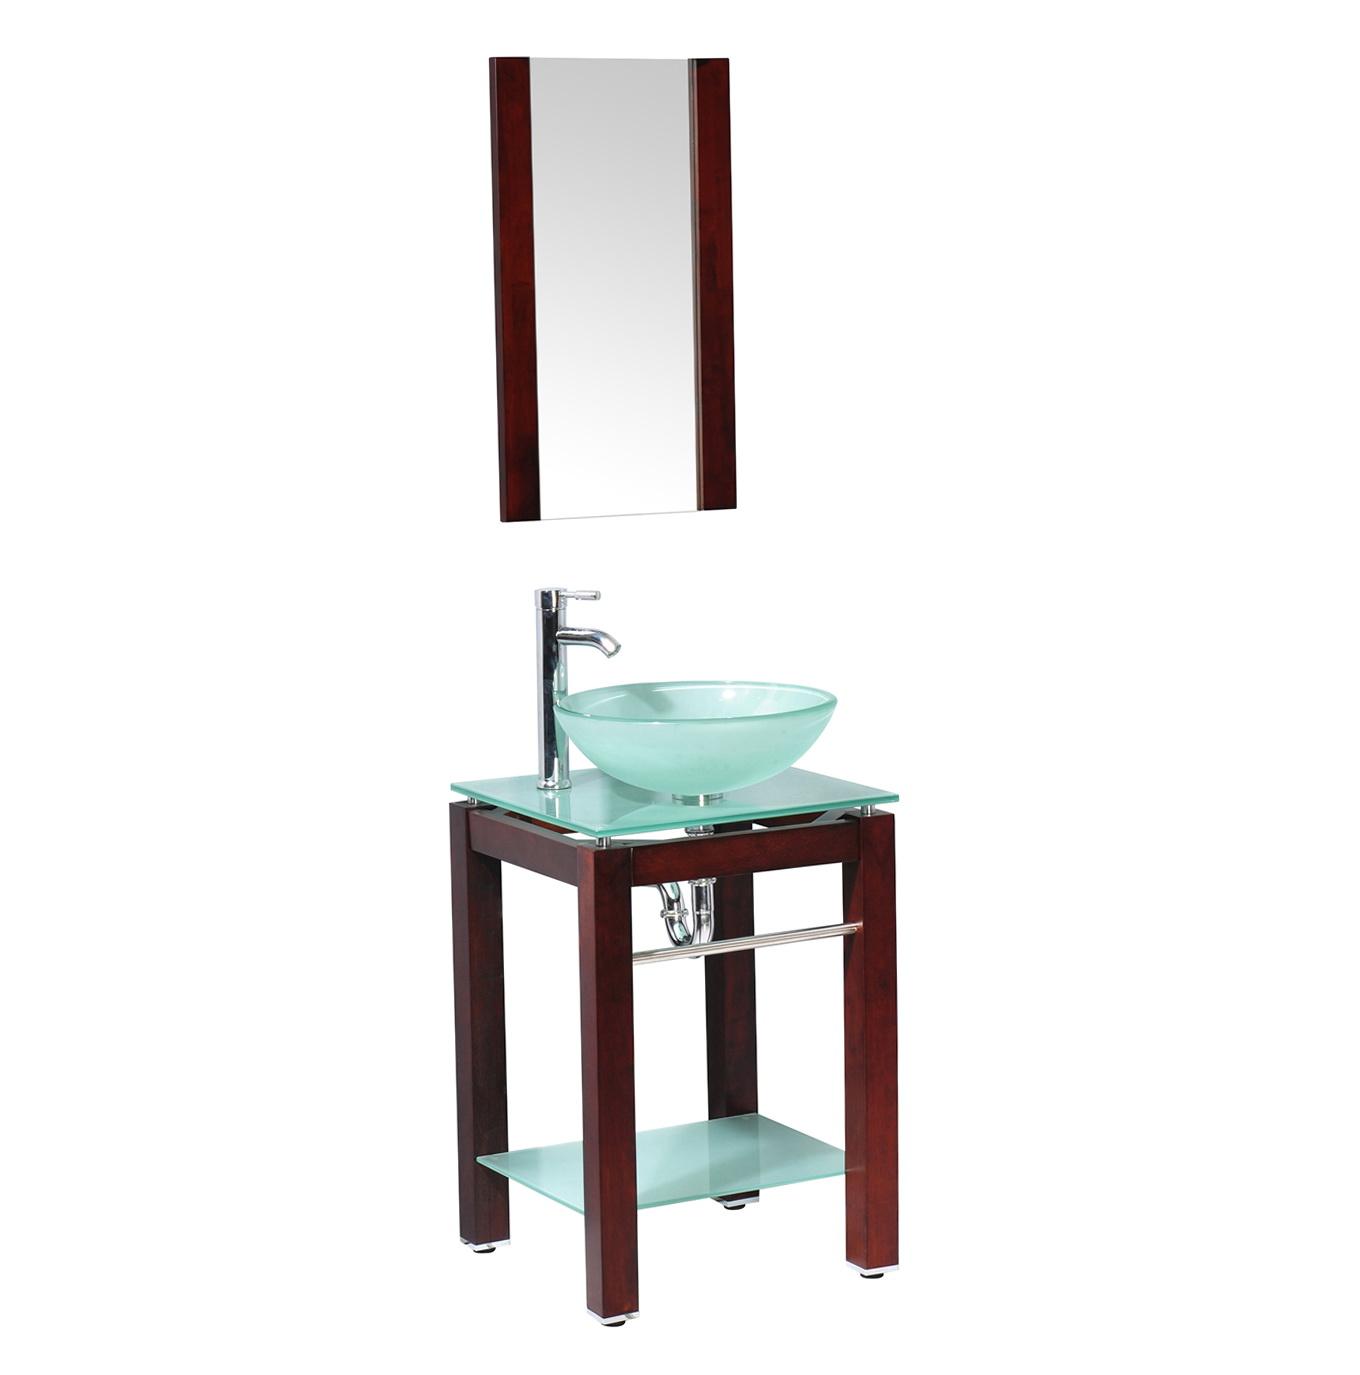 Bathroom Vanities Lowes.ca